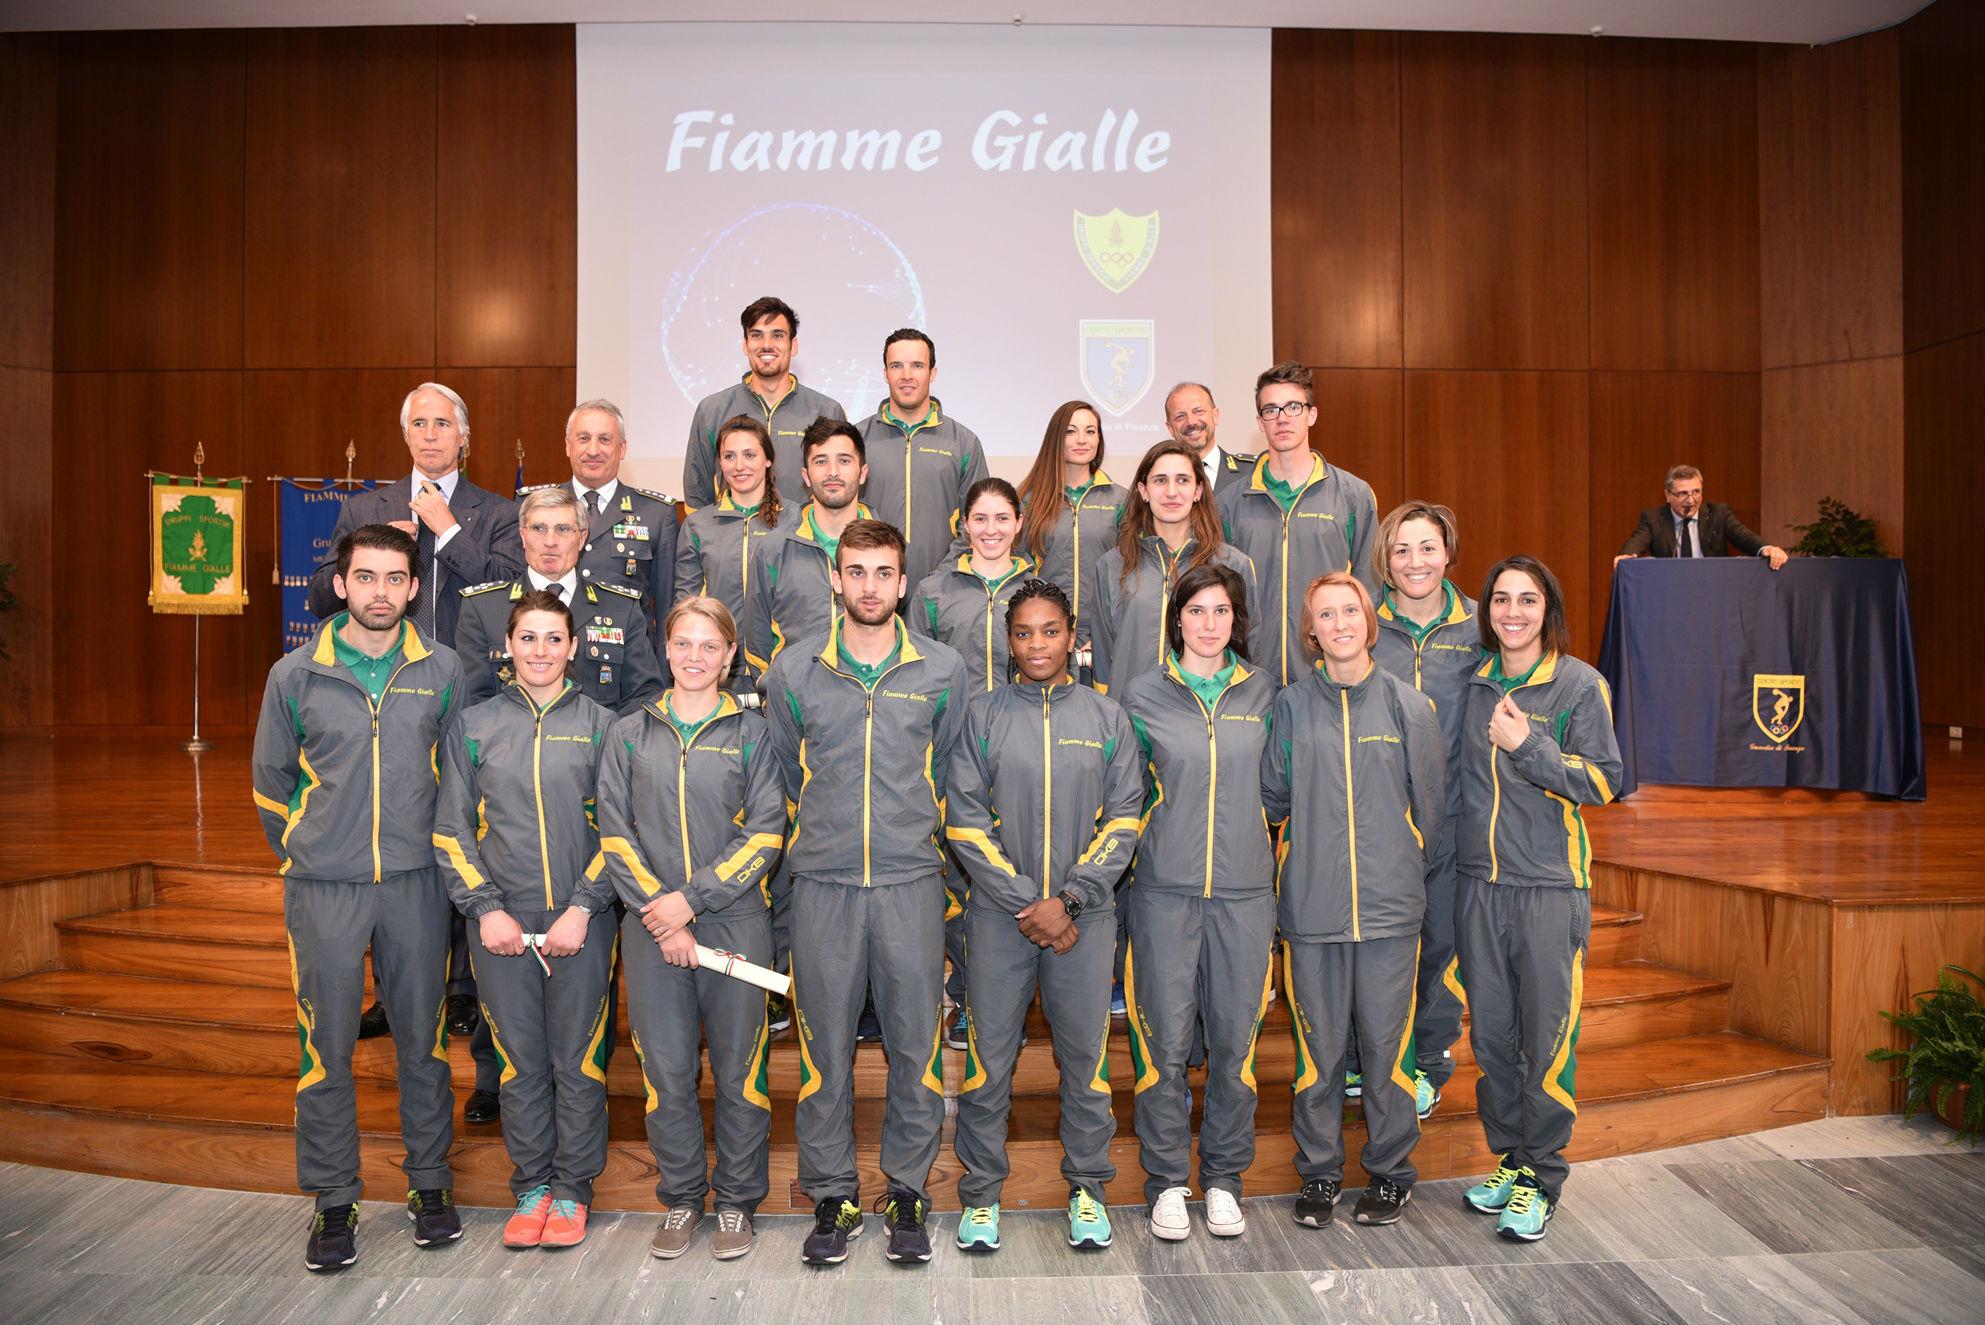 Ufficio In Fiamme : Fanchini e innerhofer premiati a roma con le fiamme gialle race